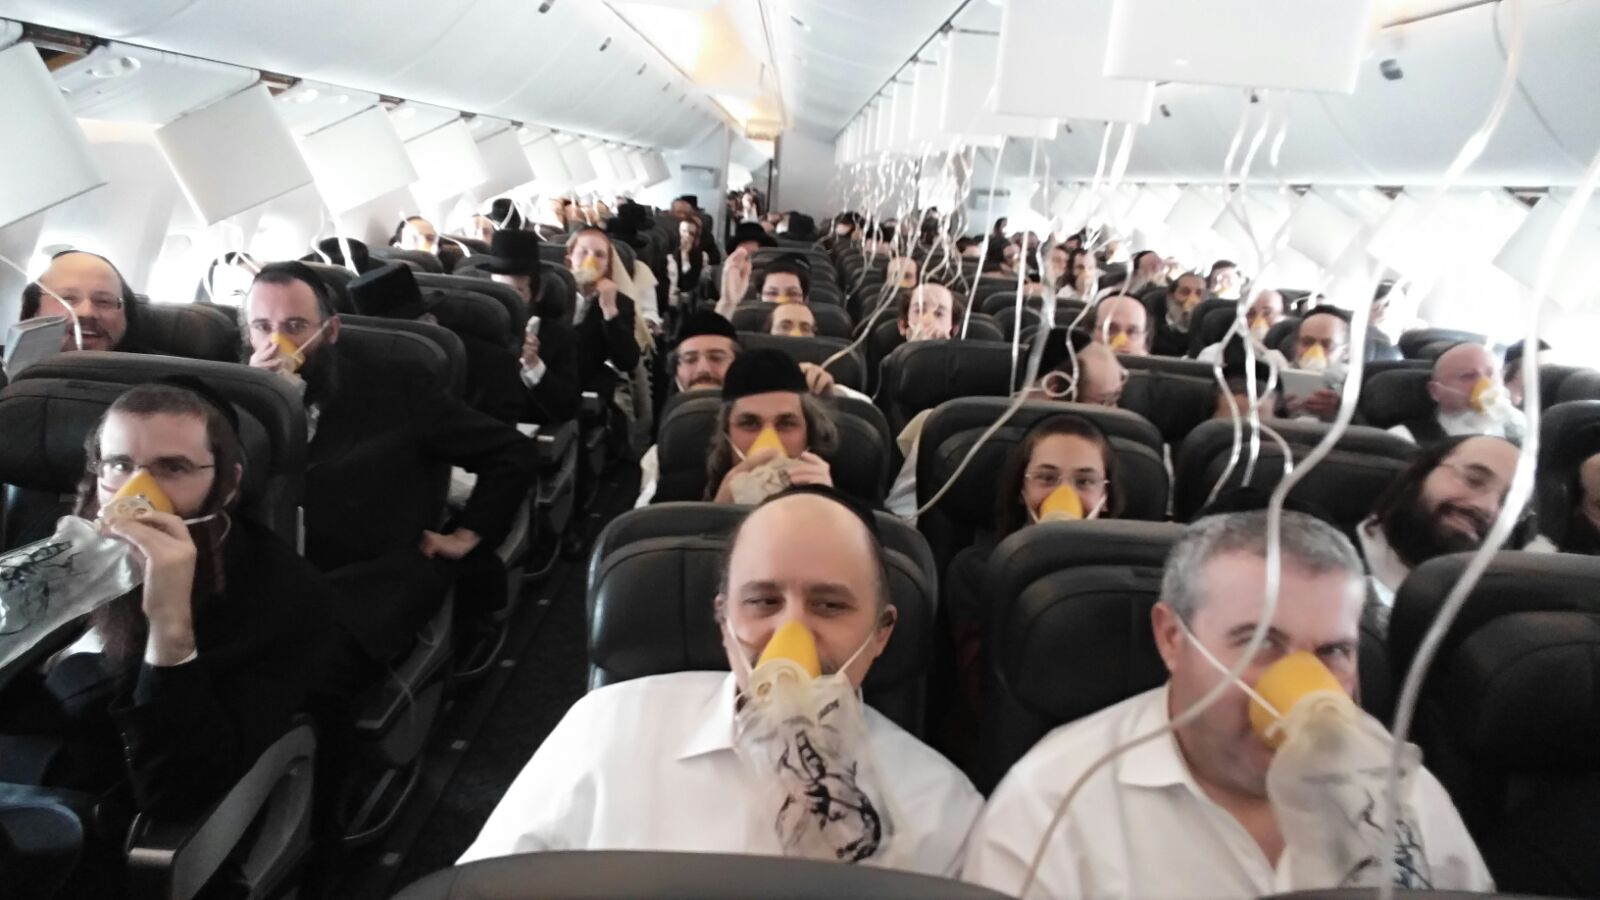 טיסת החמצן: זה הפיצוי לנוסעים החרדים. צפו